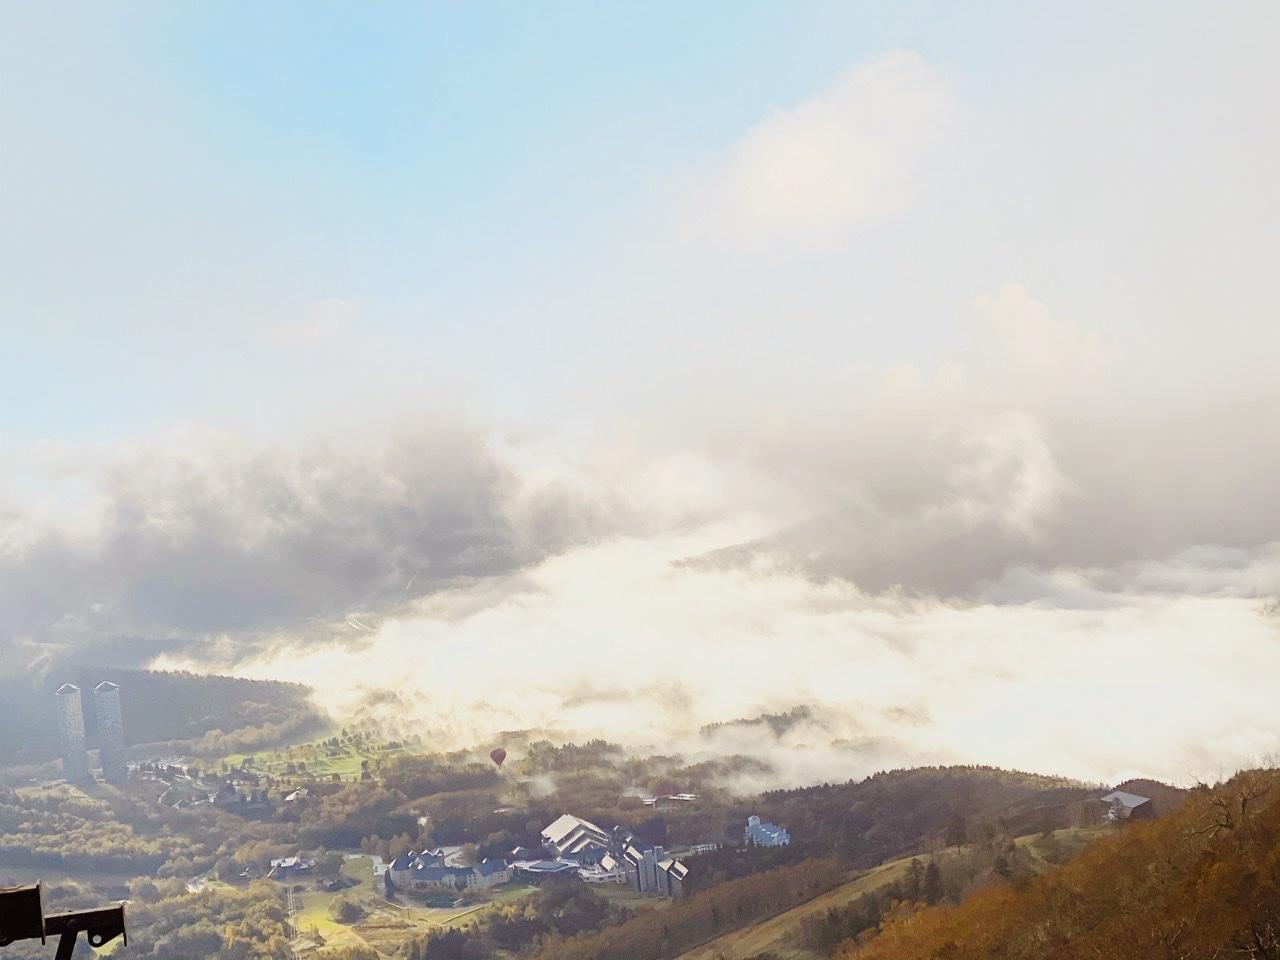 【星野リゾートトマム】雲の上で過ごす幻想的な朝!絶景スポット《雲海テラス》をご紹介★_10